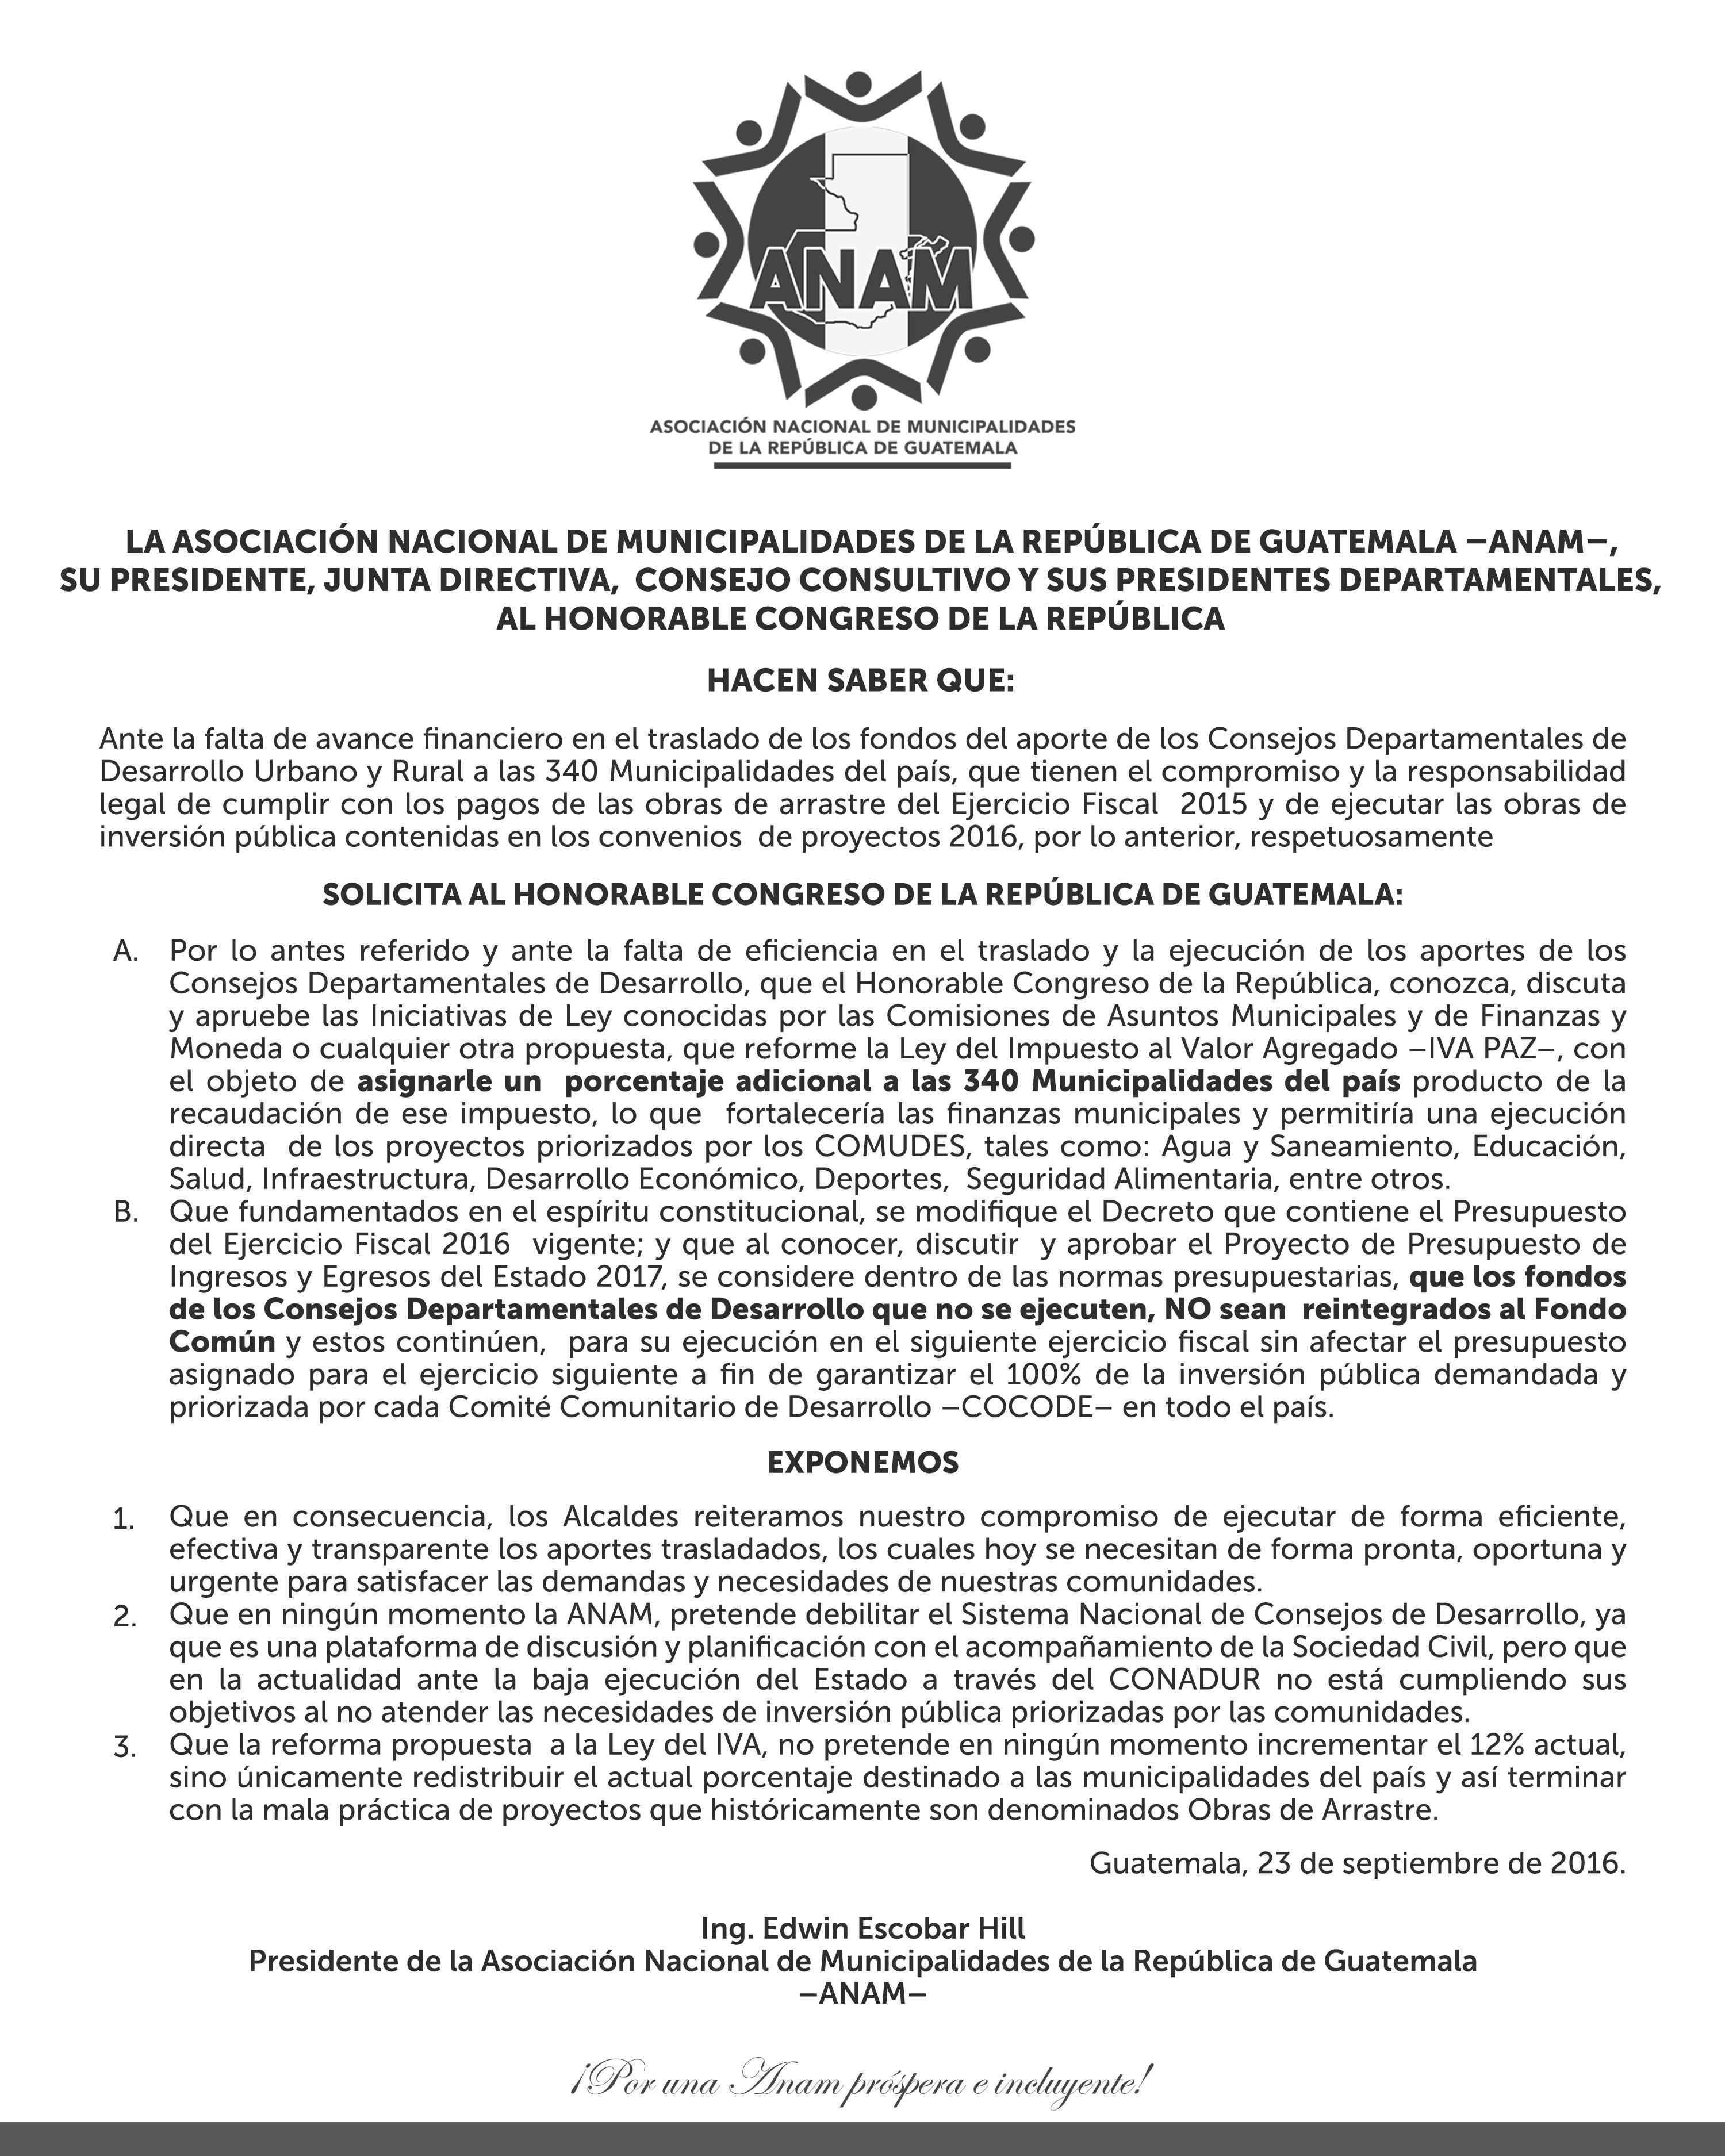 Solicitud-al-Congreso-de-la-Republica-FONDOSCODEDE-23-09-2016